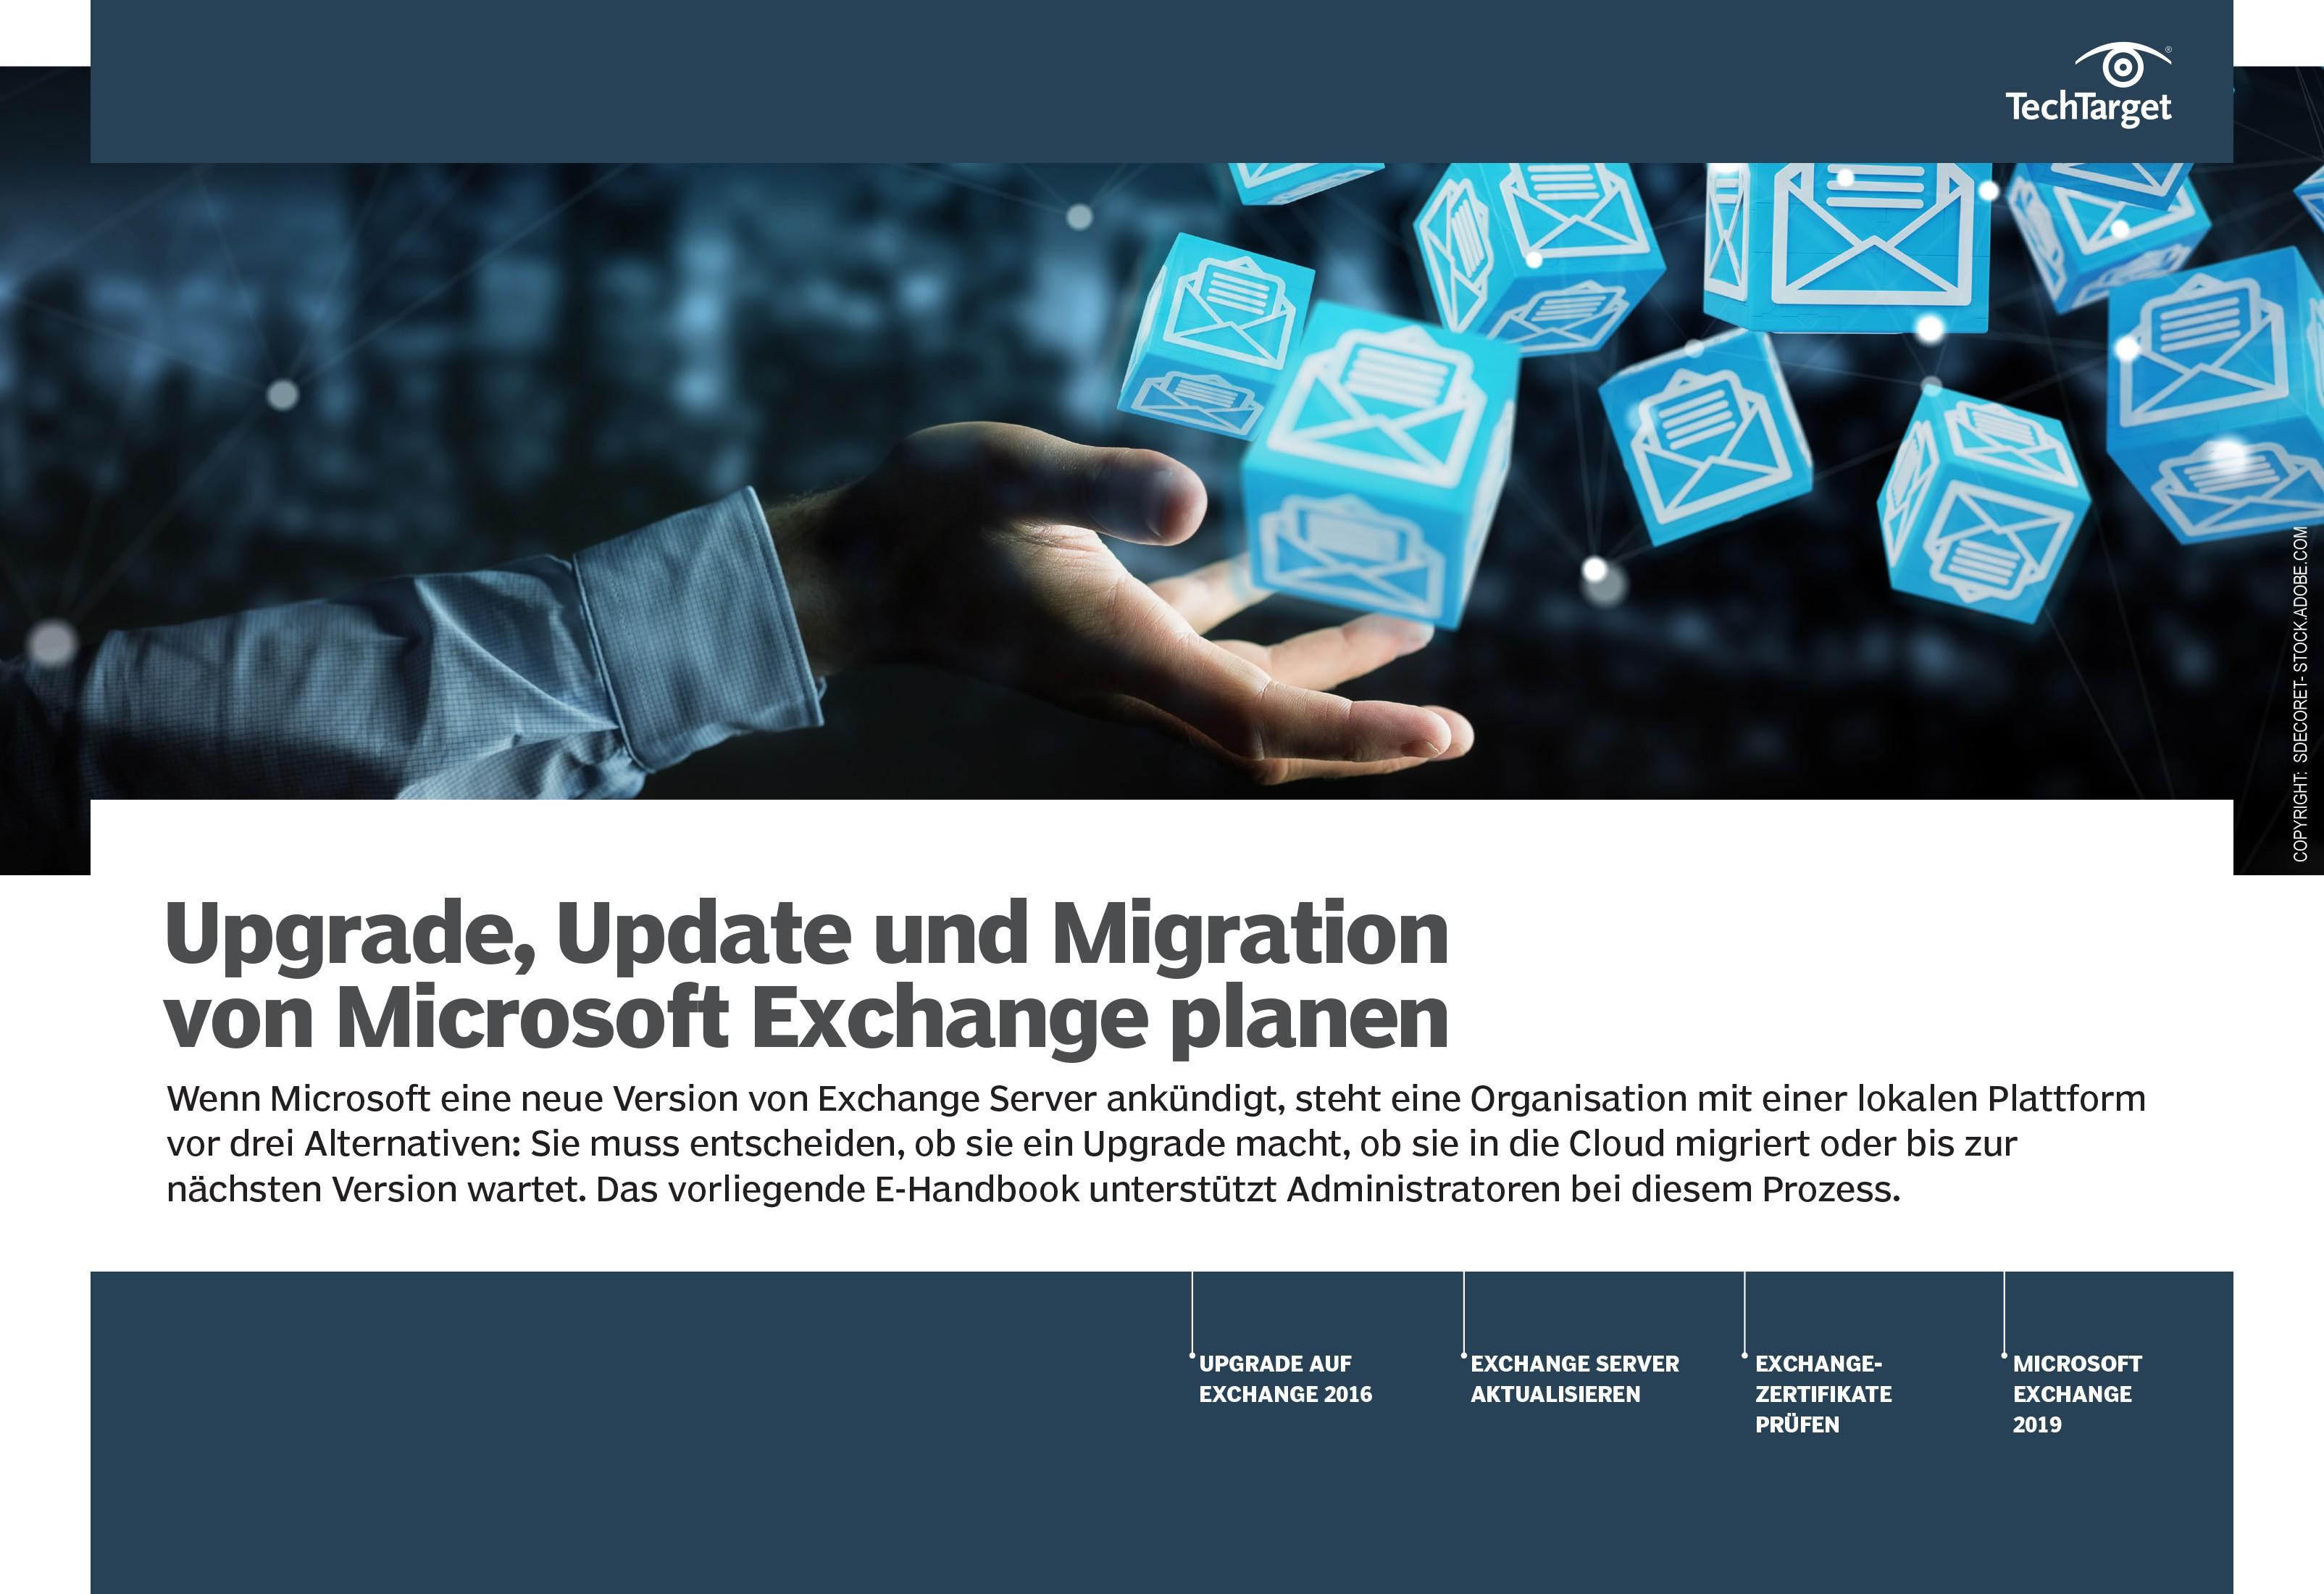 Kalender 2019 Mv Excel Más Recientes Management Informationen Zu Enterprise software News Und Tipps